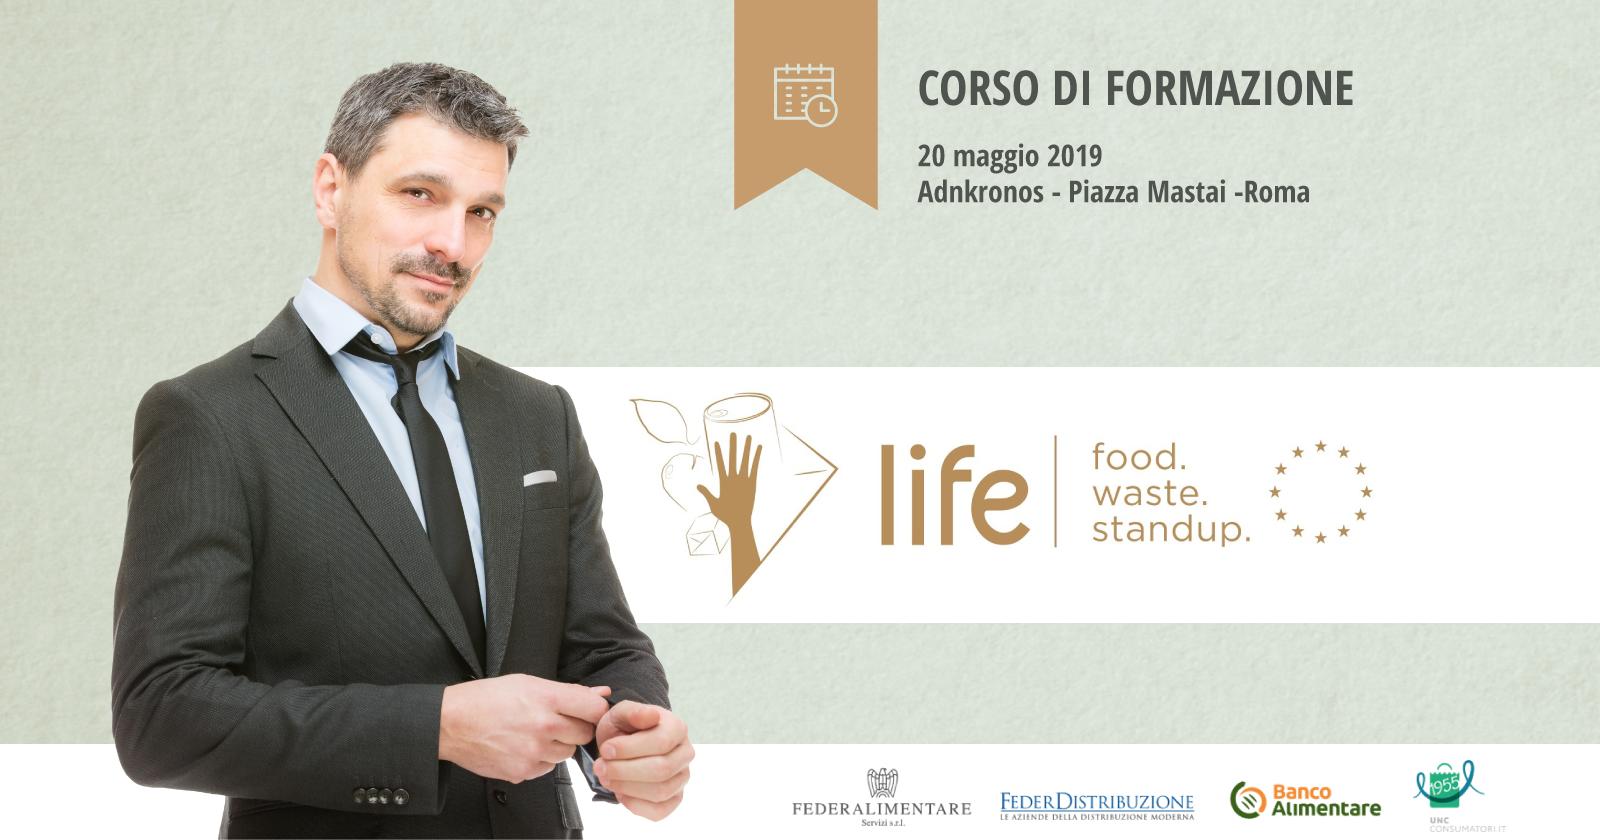 riduzione_sprechi_alimentari_chef_malantrucco